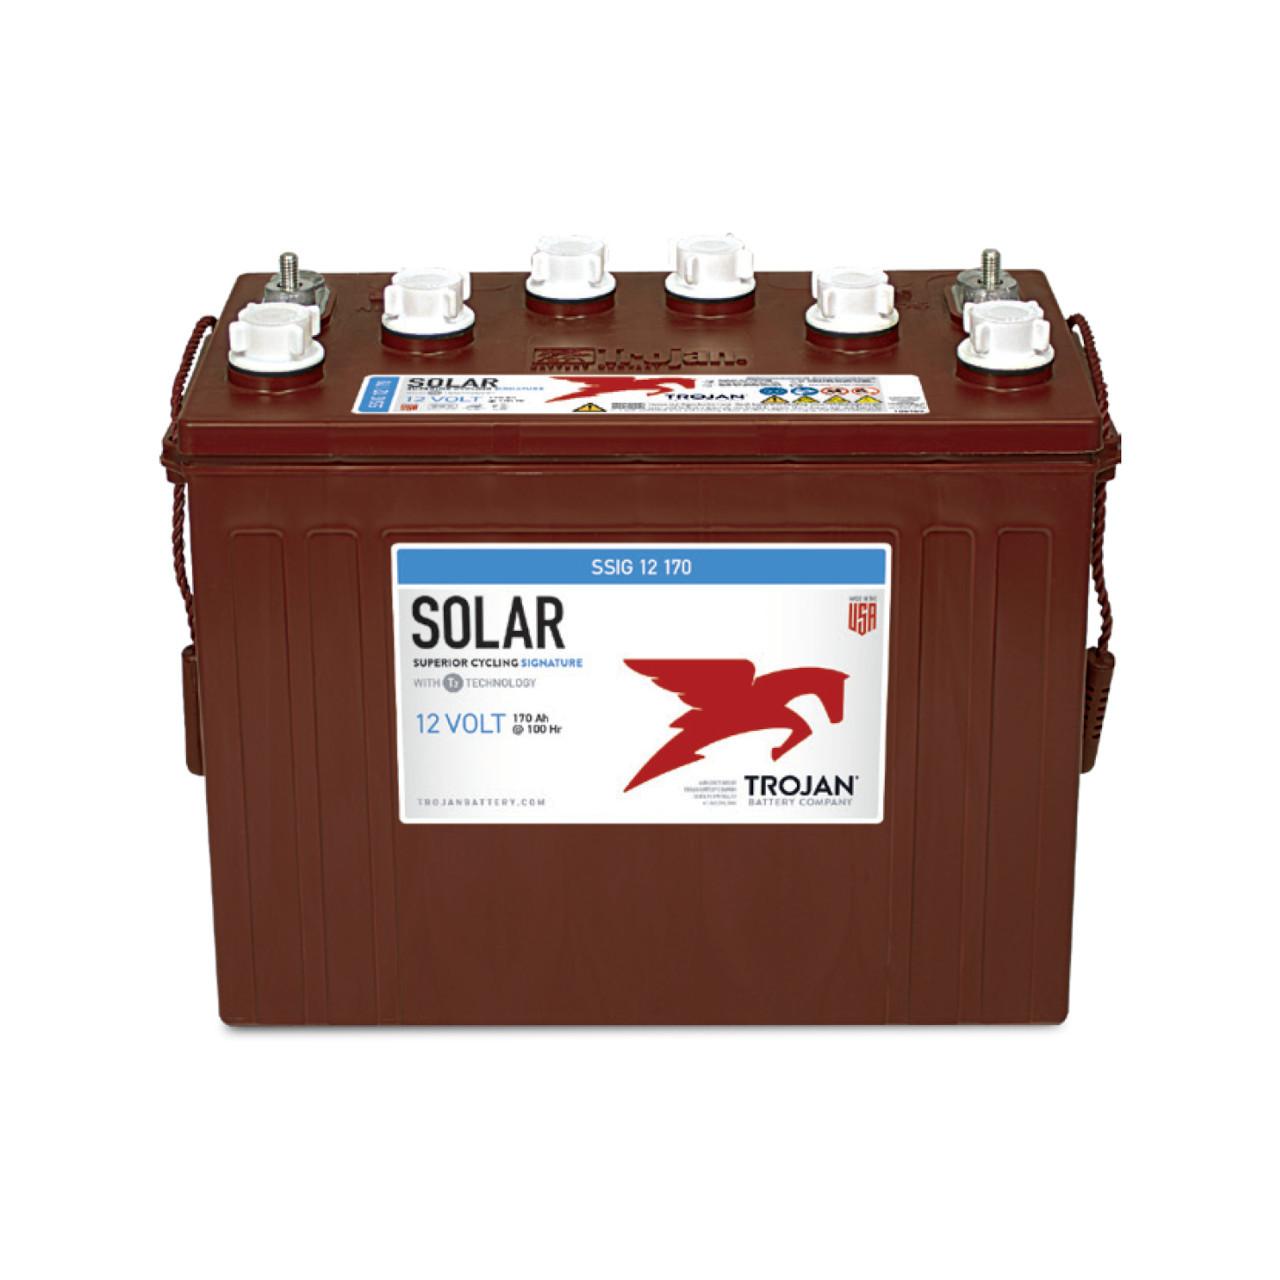 Trojan Battery - SSIG12-170